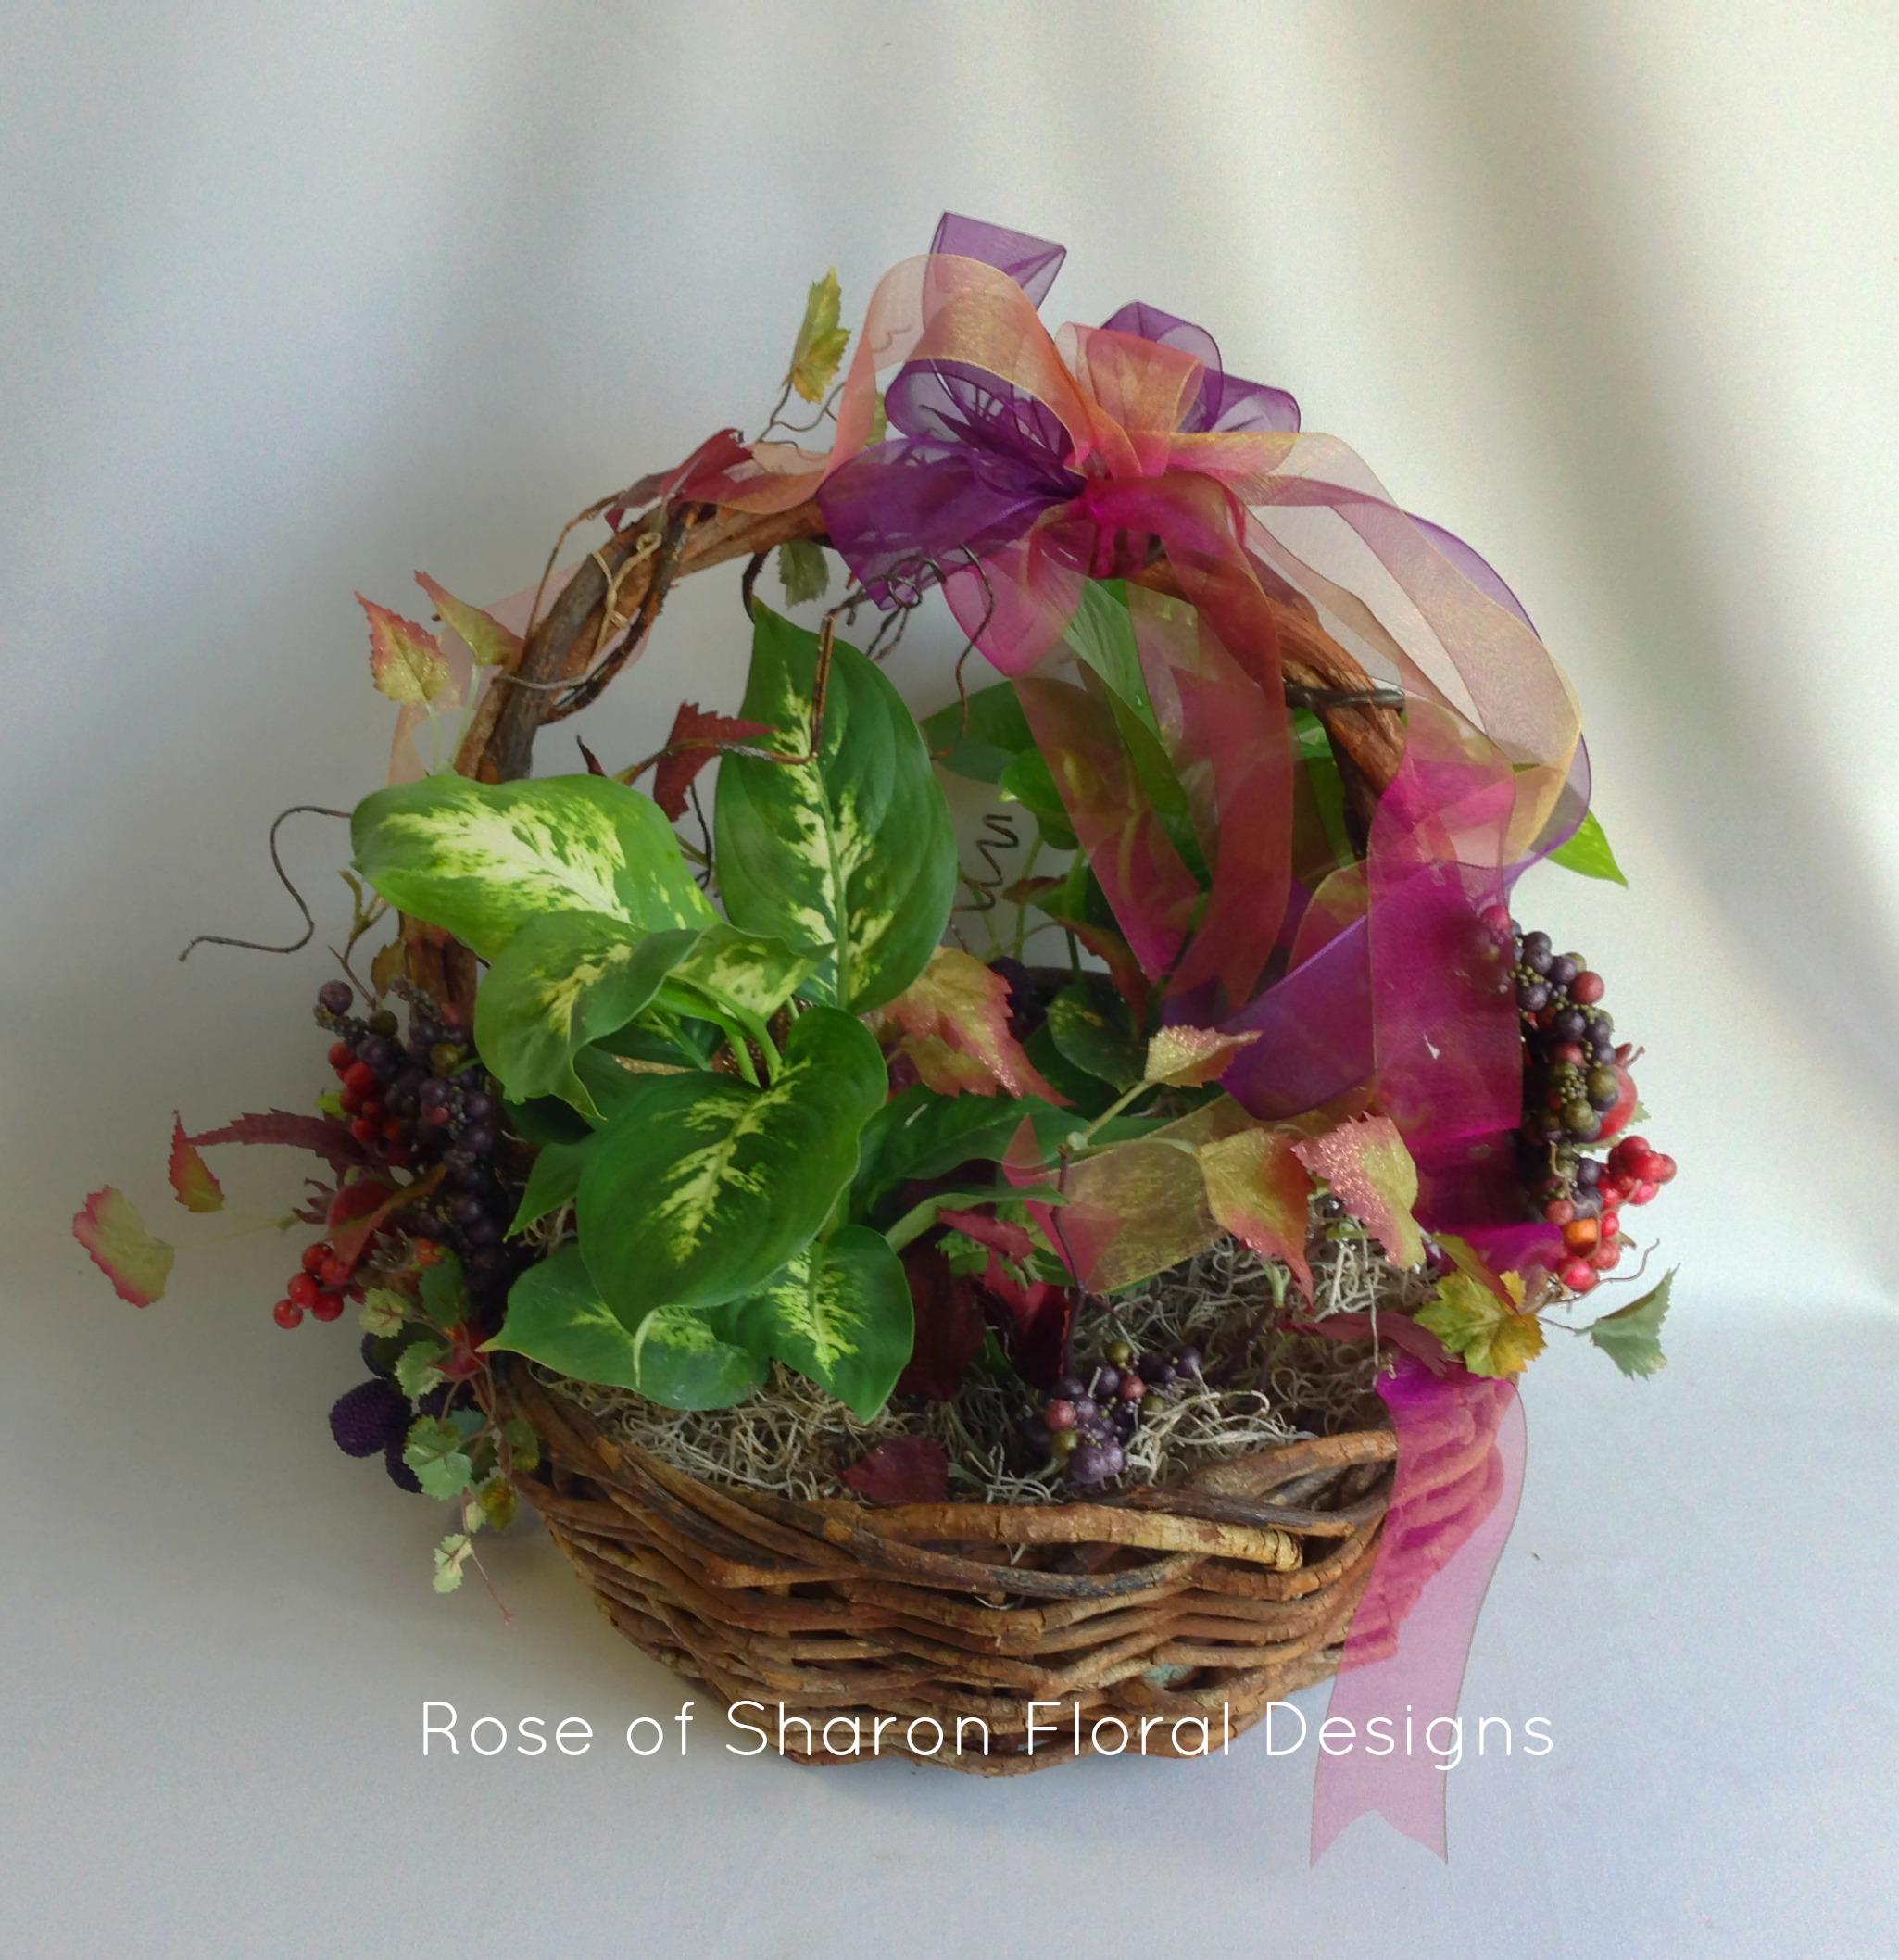 Basket Planter, Rose of Sharon Floral Designs